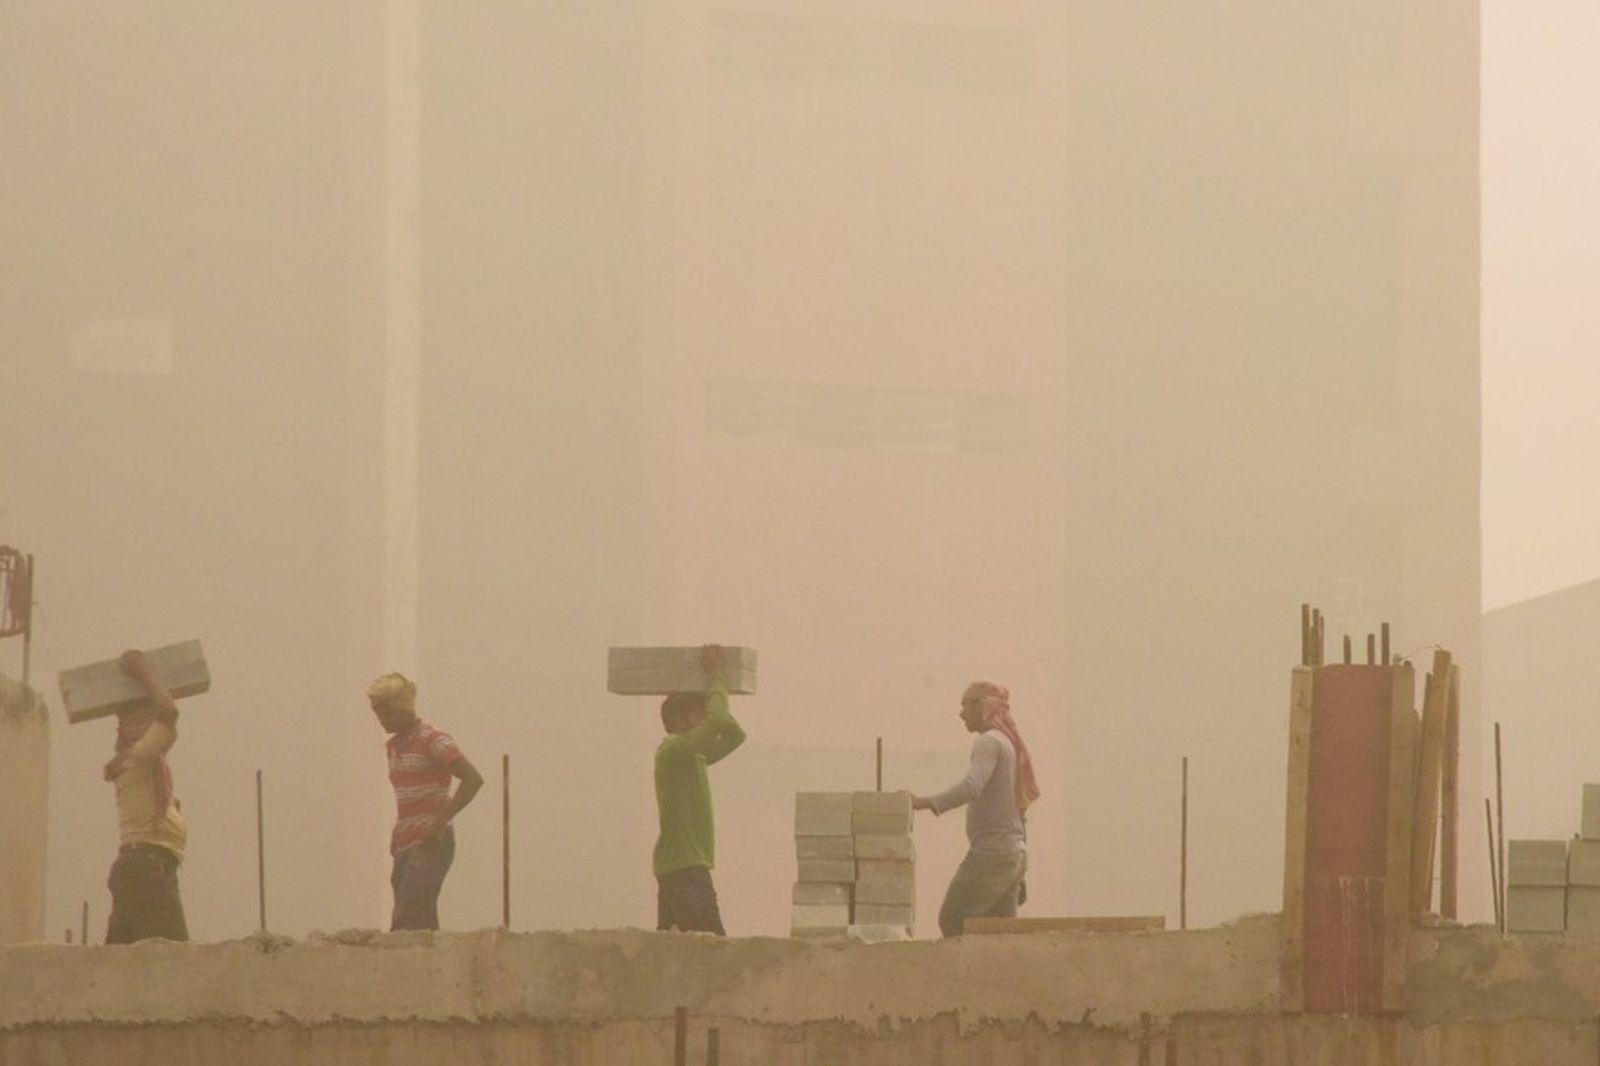 Des ouvriers travaillent malgré la pollution à New Delhi (Inde).